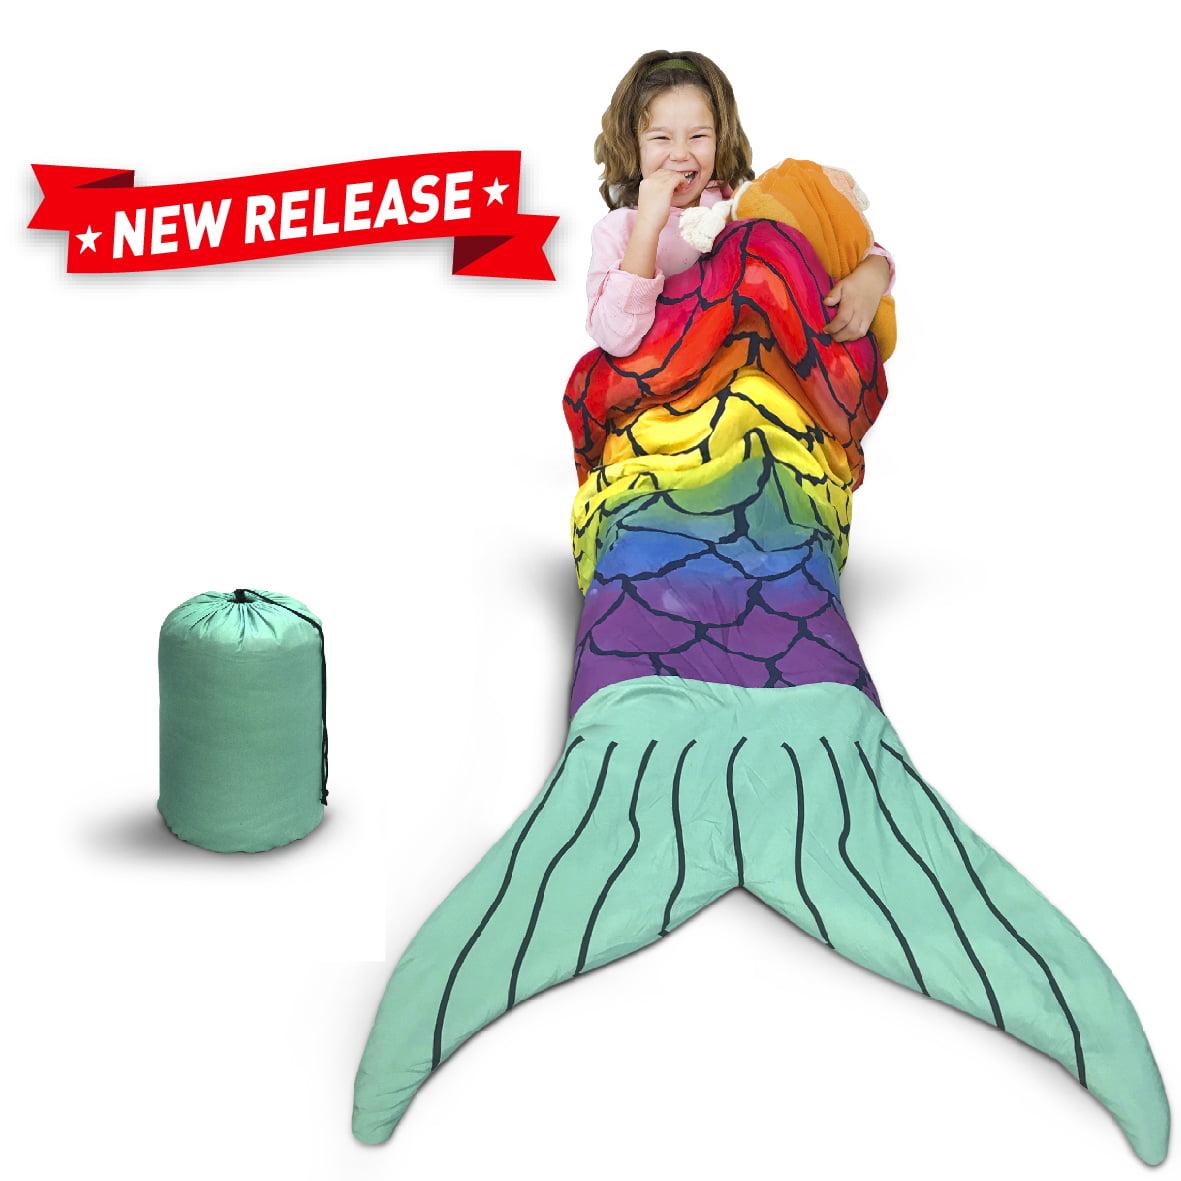 Mermaid Sleeping Bag – Kids Sleeping Bag – Slumber Party Sleeping Bag with Mermaid Tail